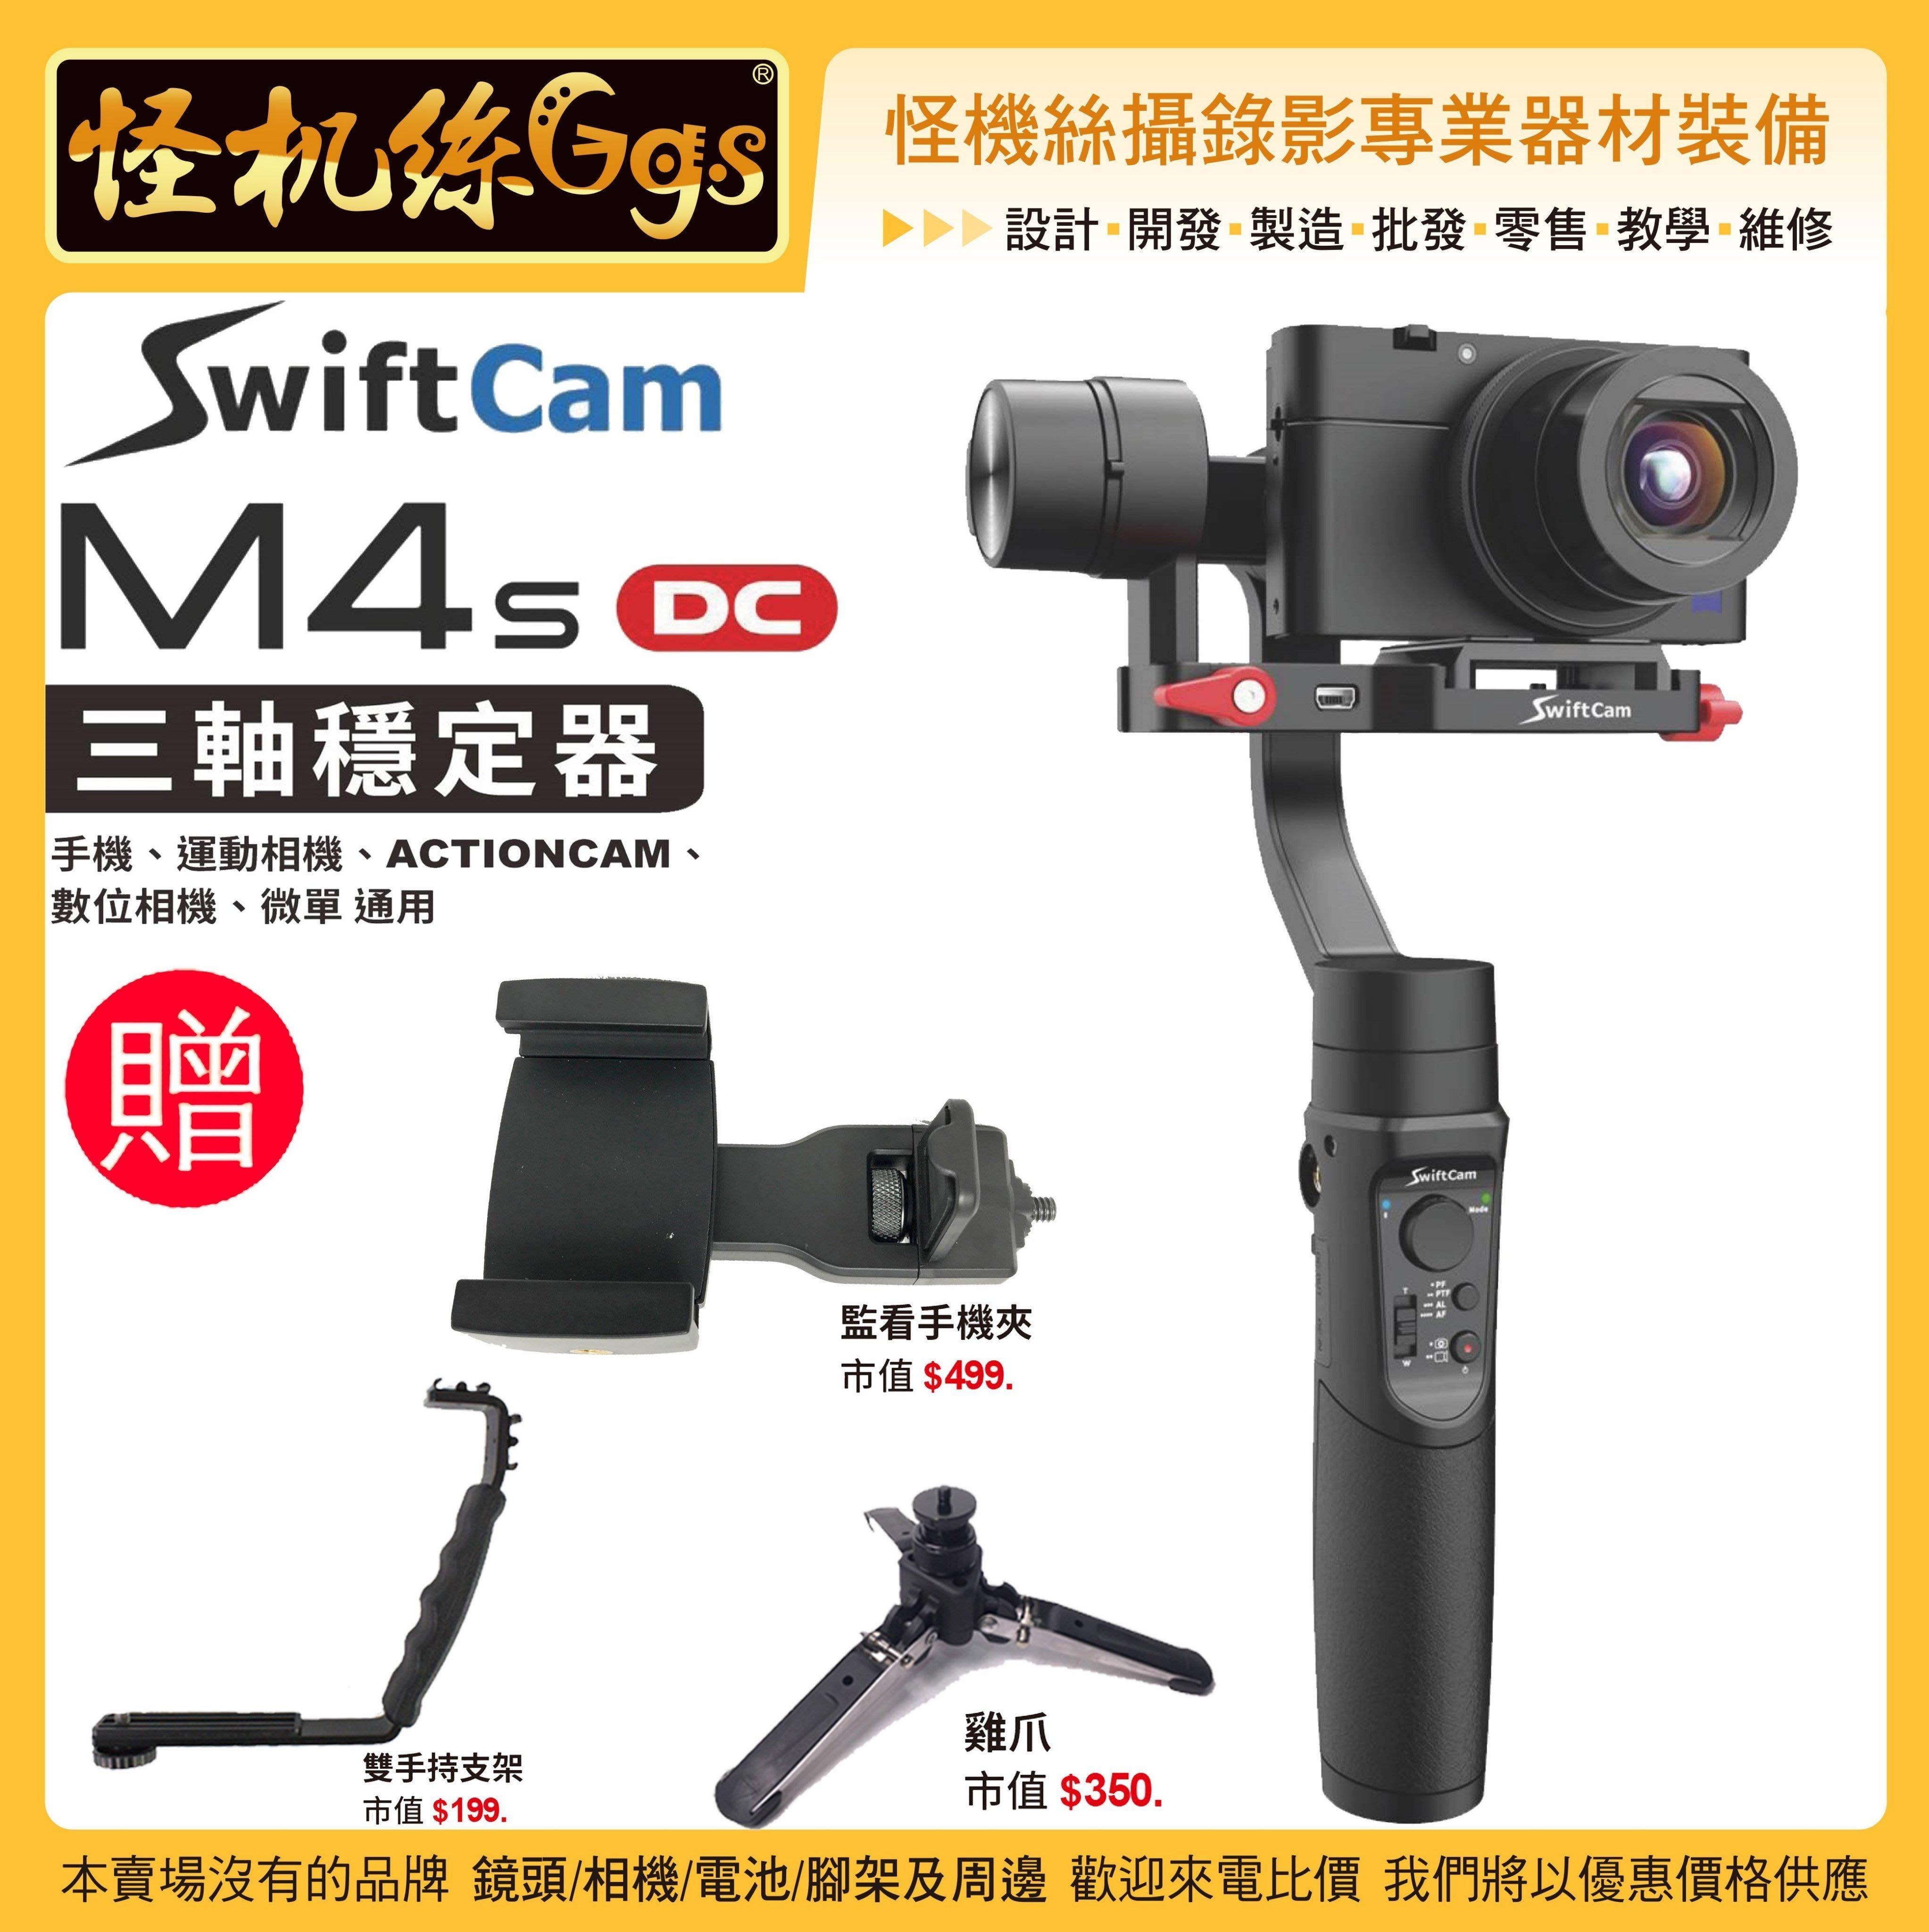 優惠 24期含稅 怪機絲 SwiftCam M4s DC版 三軸穩定器 手機 MEVO 類單眼相機 VLOG 錄影 直播